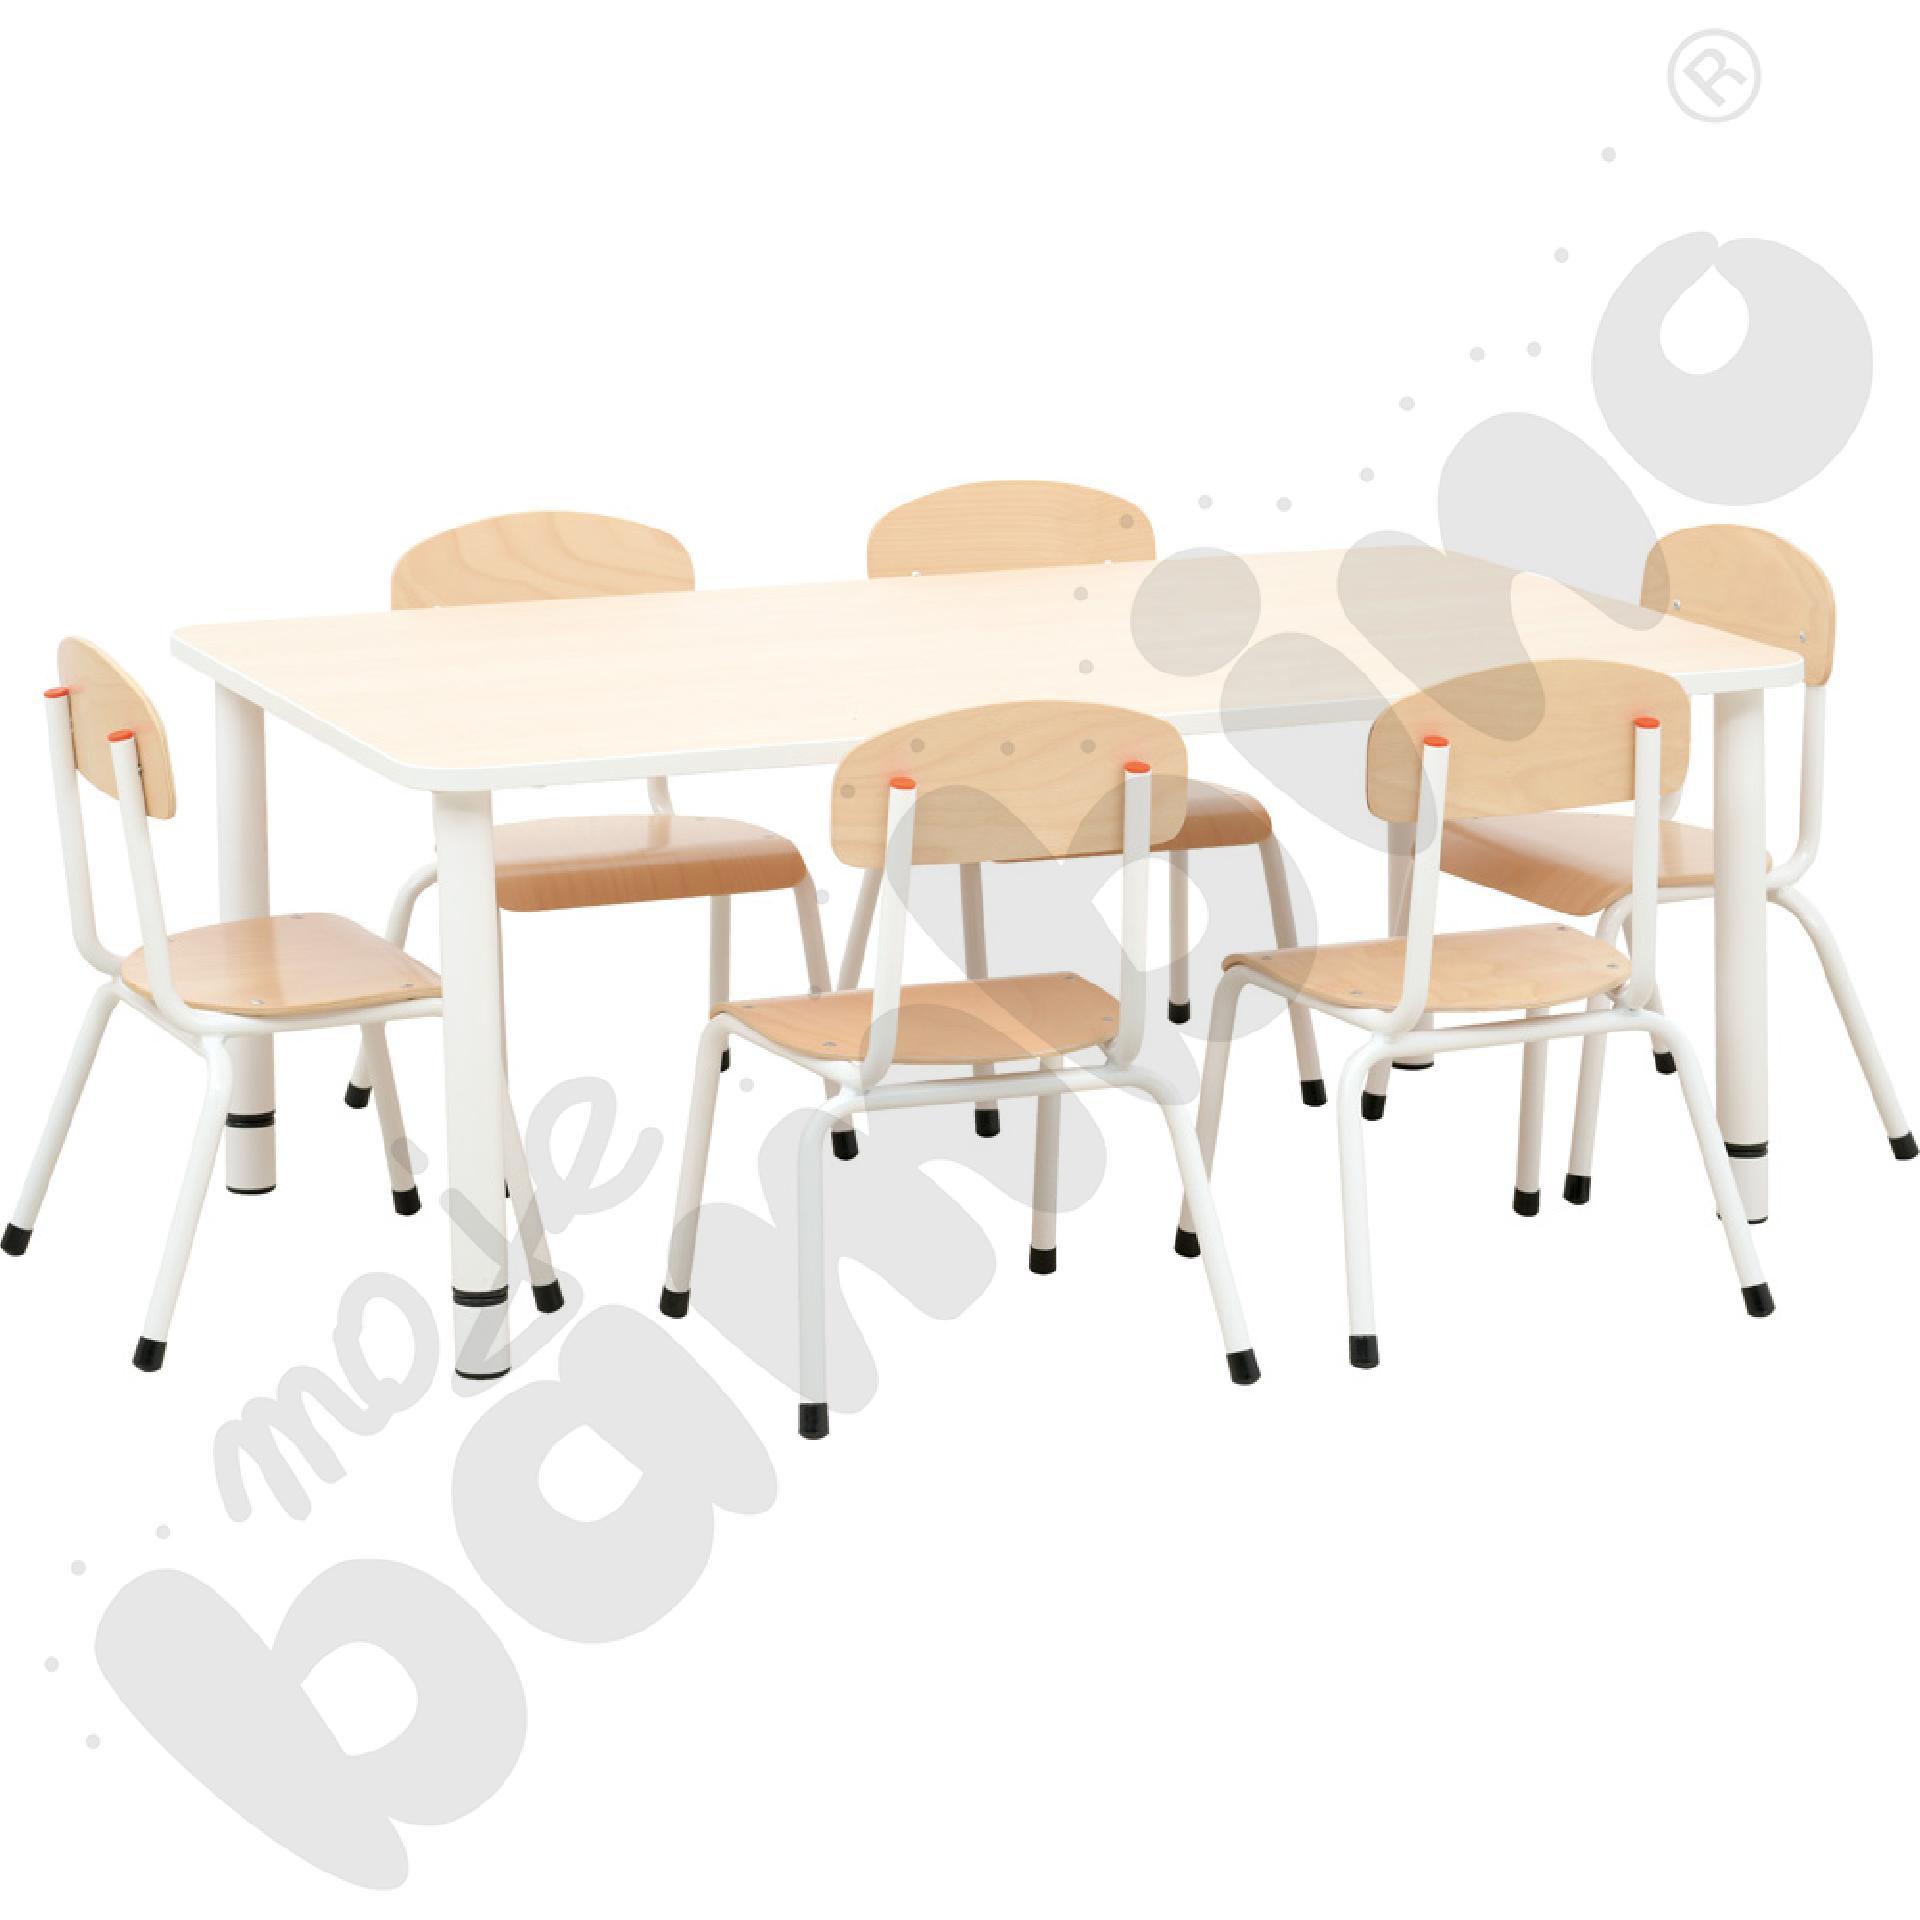 Stół Bambino z krzesłami Bambino rozm. 1